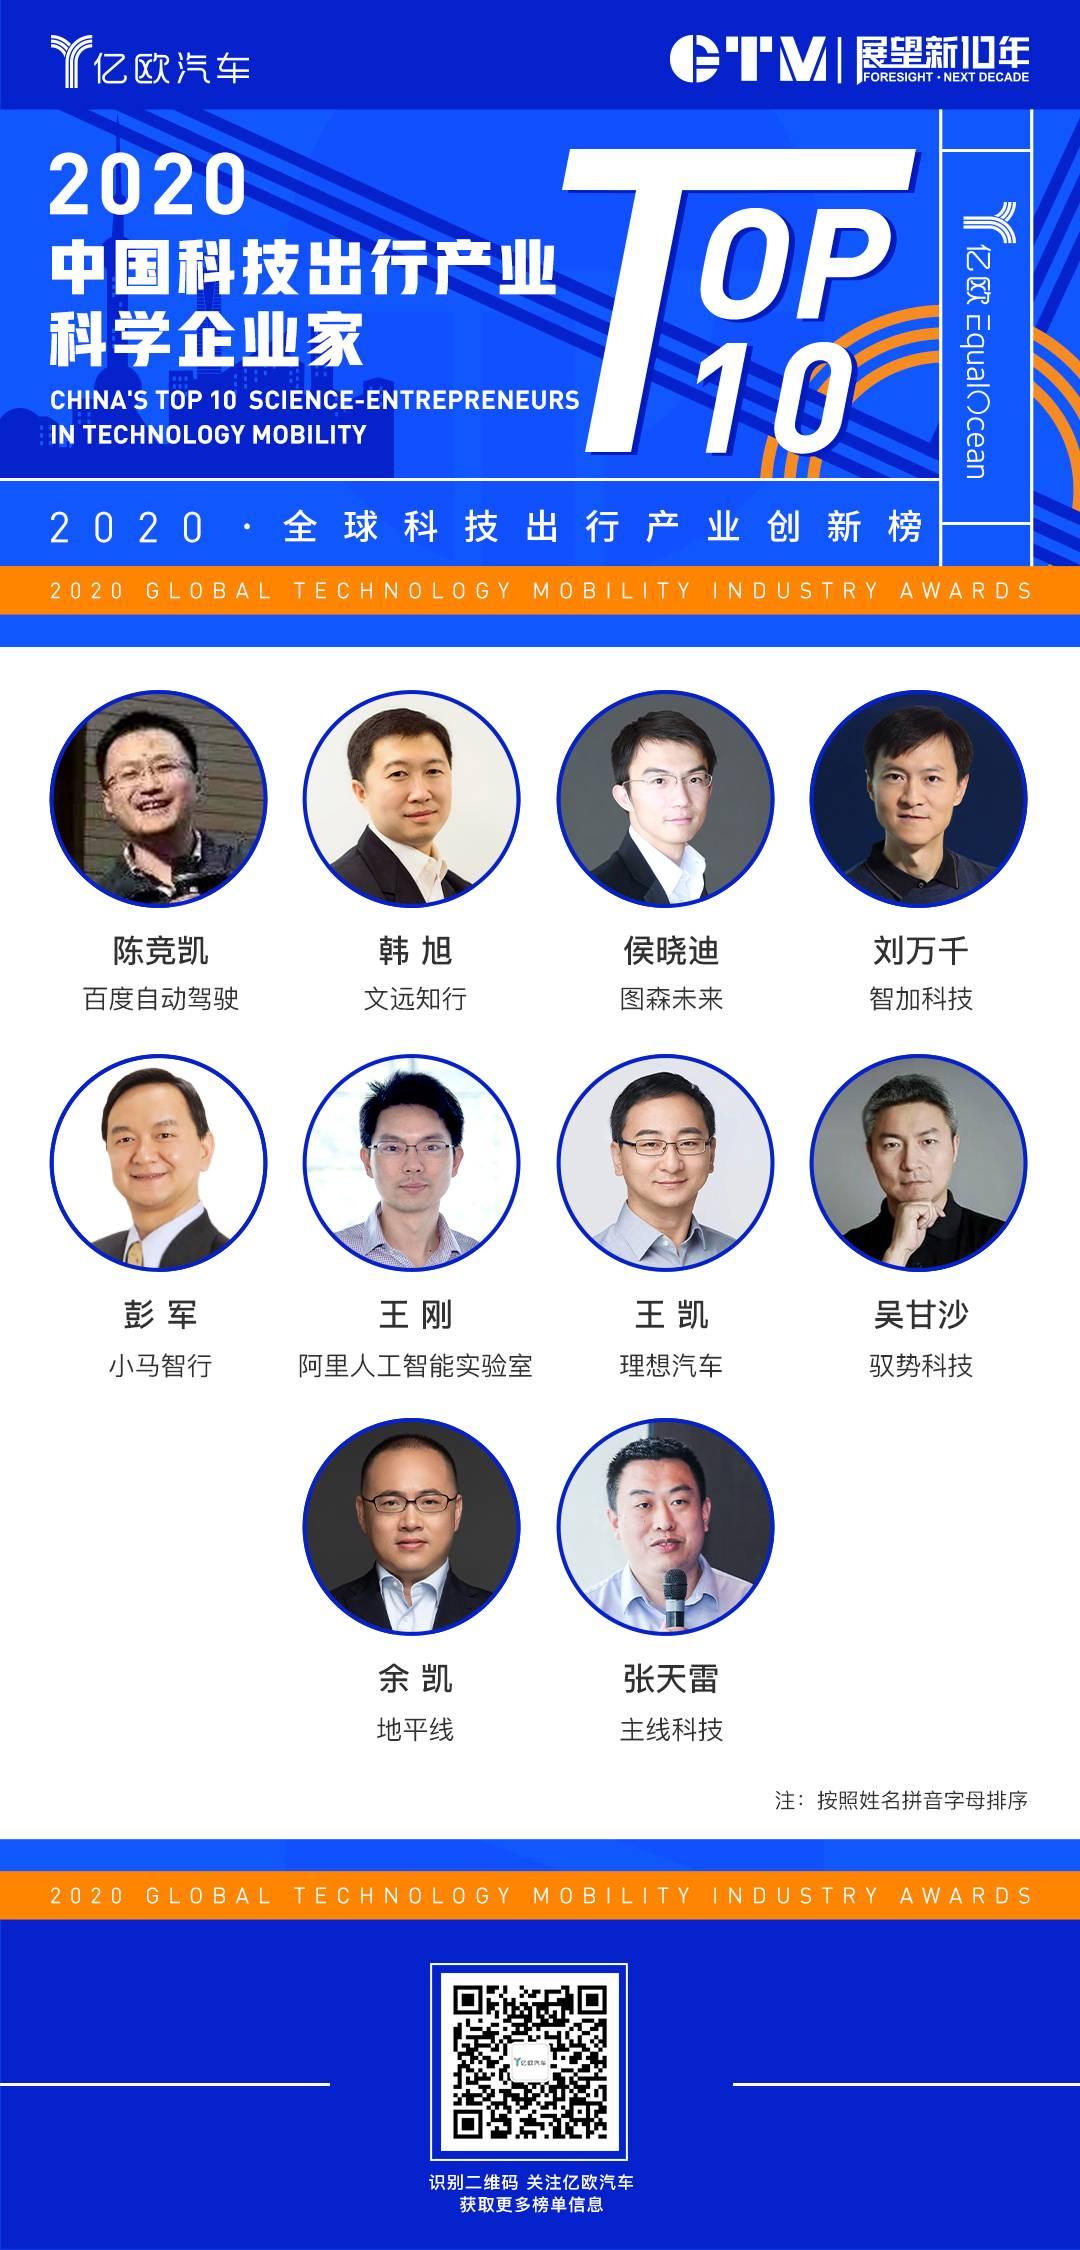 2020中国科技出走产业科学企业家TOP10